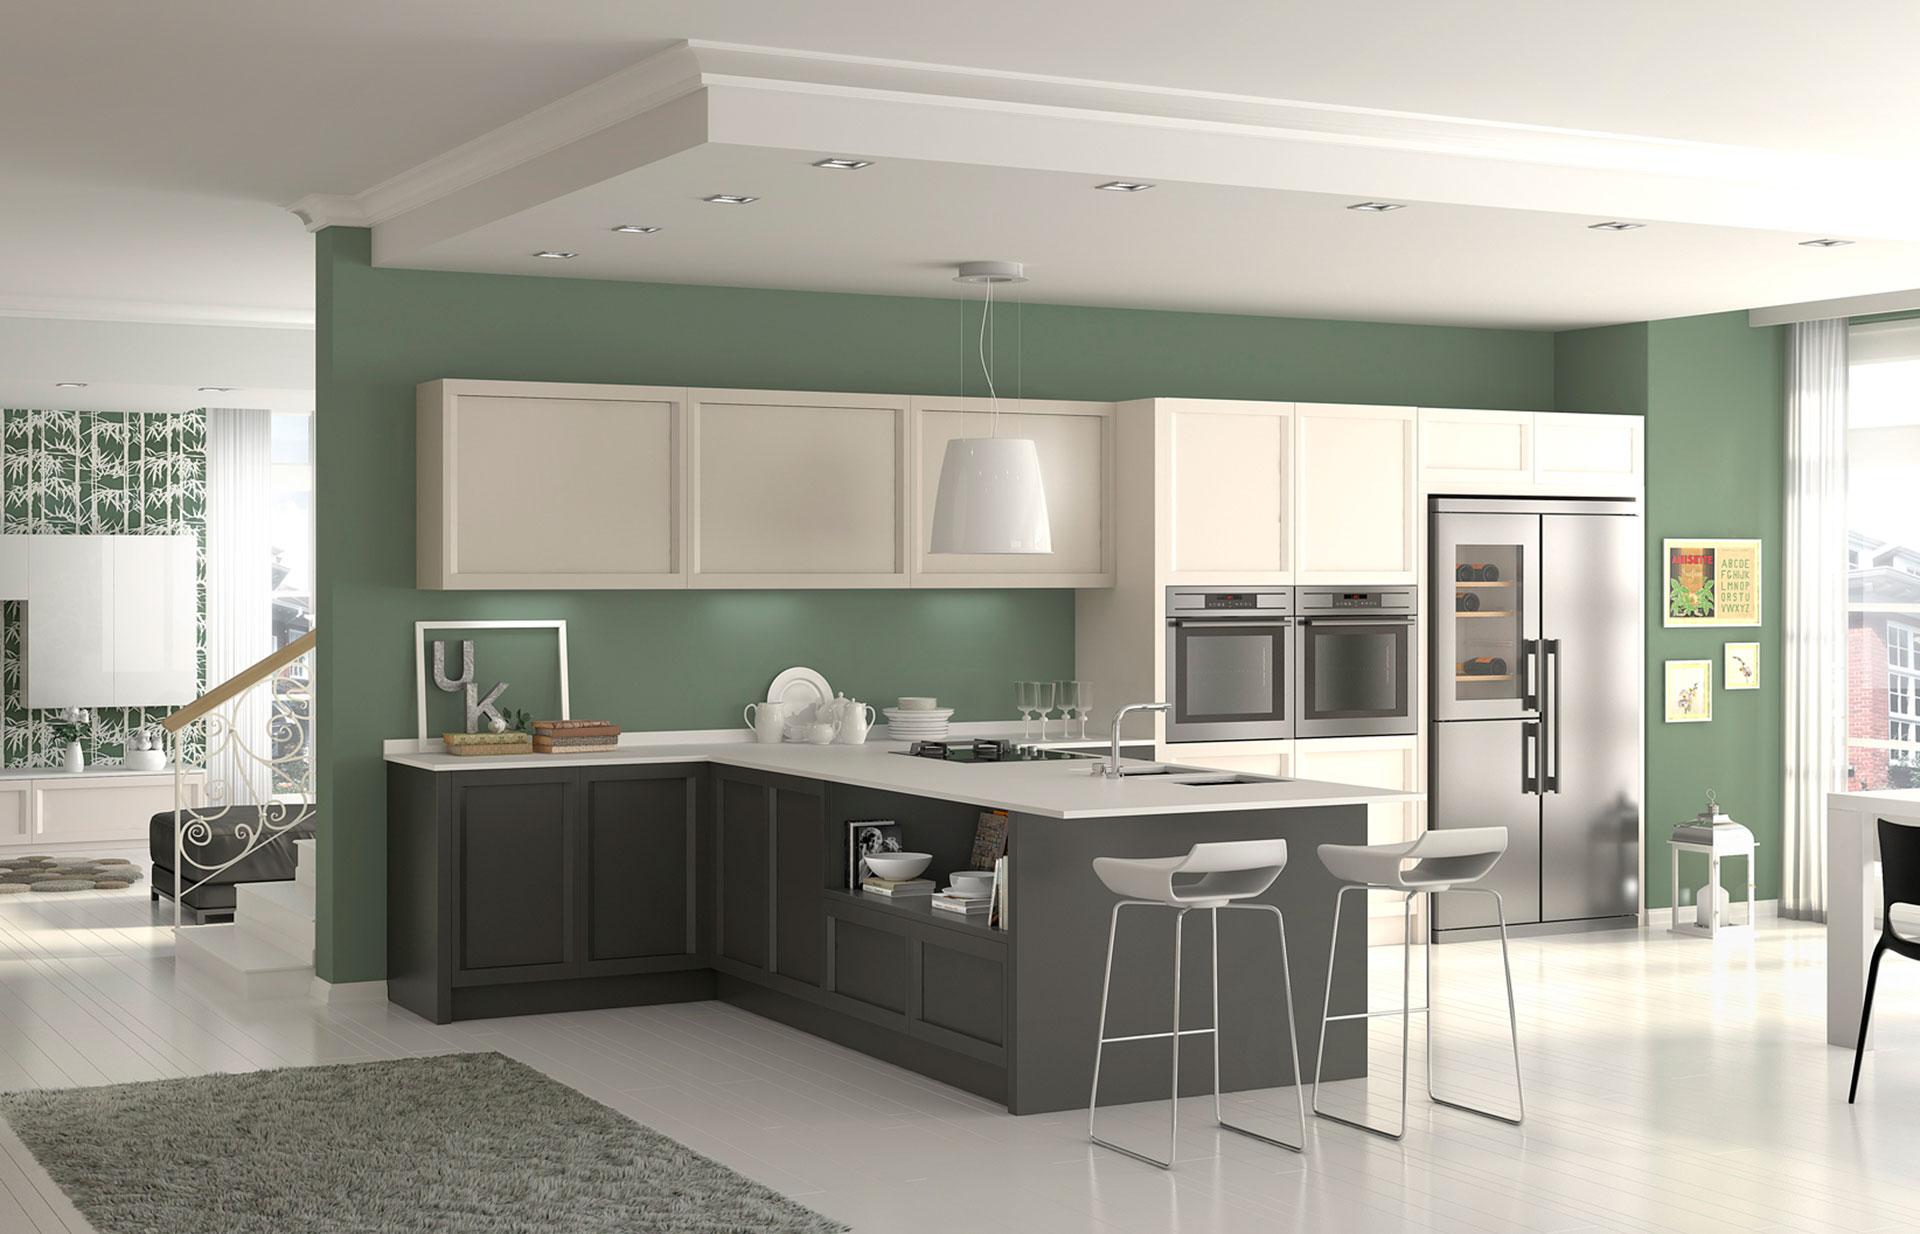 Aurora cucine tuscany handicraft experience - Aziende cucine design ...